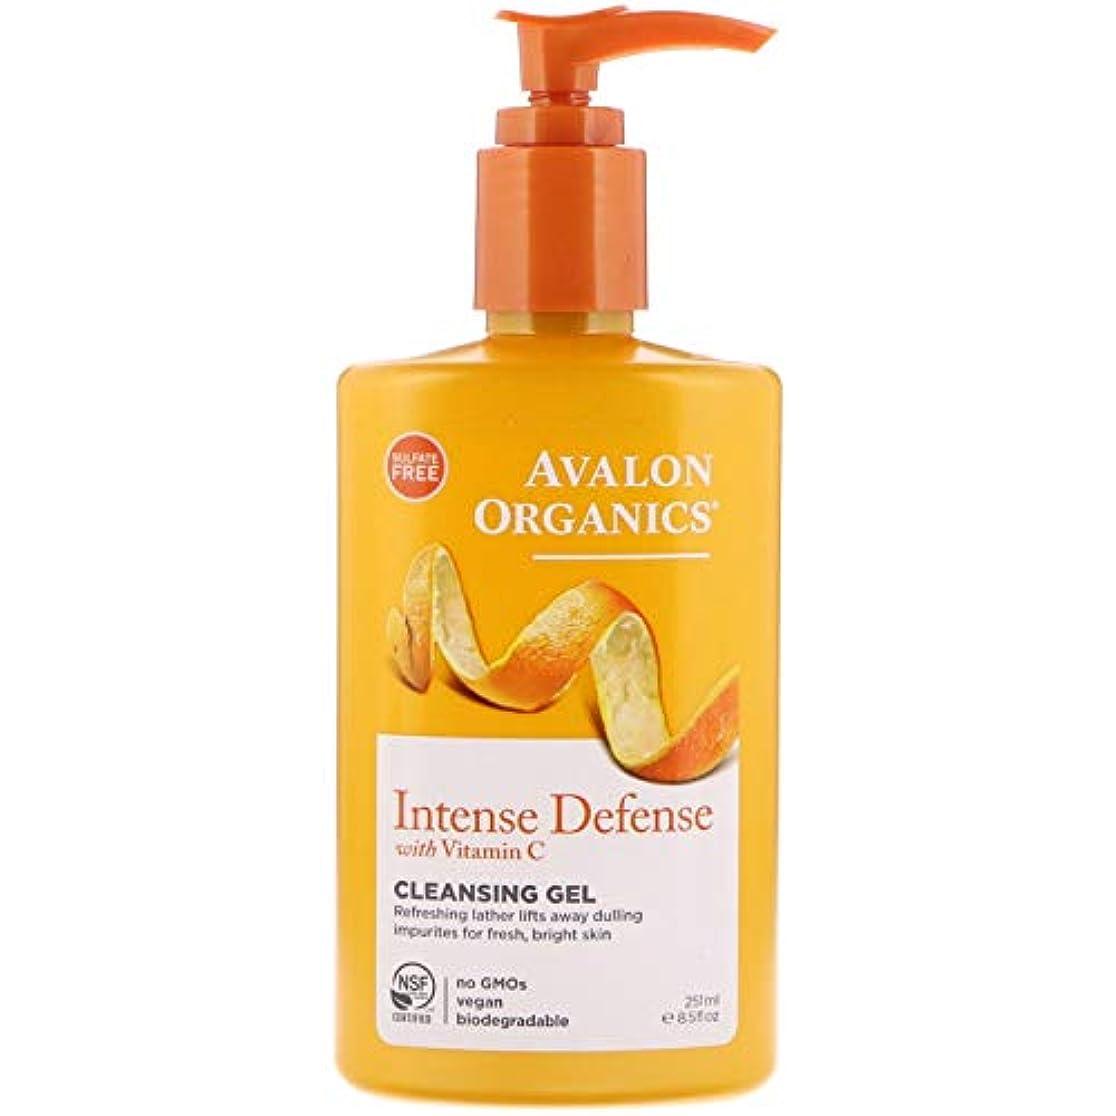 思われるゲートウェイハングAvalon Organics ビタミンC リニューアル リフレッシング クレンジングジェル 8.5 fl oz (251 ml) [並行輸入品]